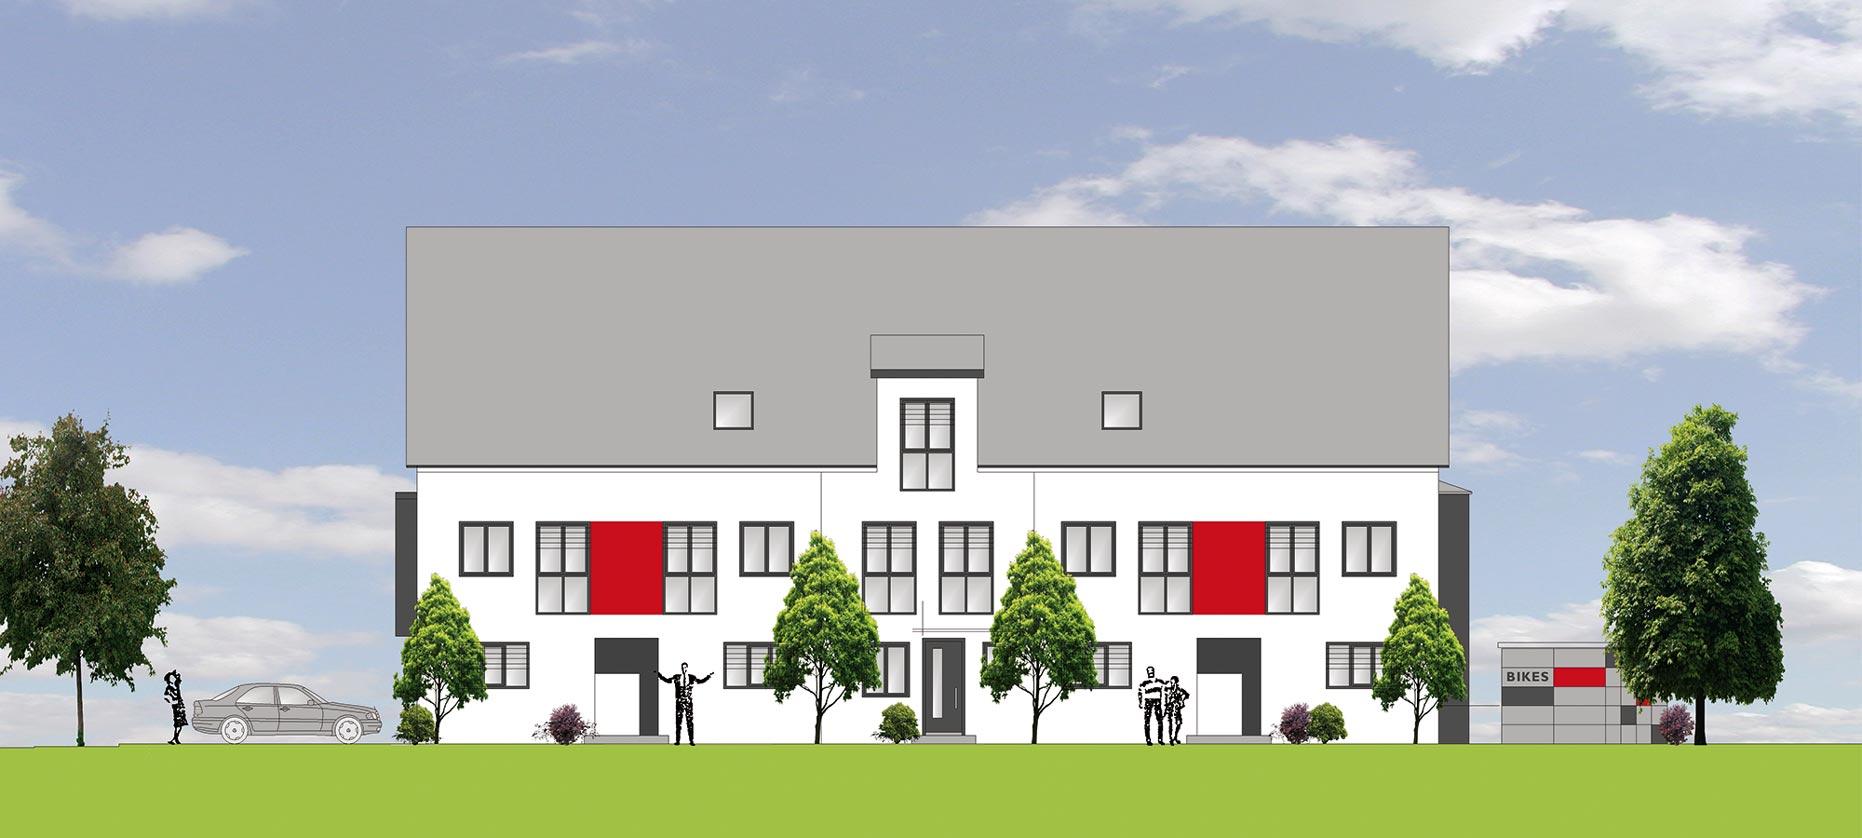 gartengestaltung stutensee einfamilienhäuser in der reihe, stutensee-friedrichstal